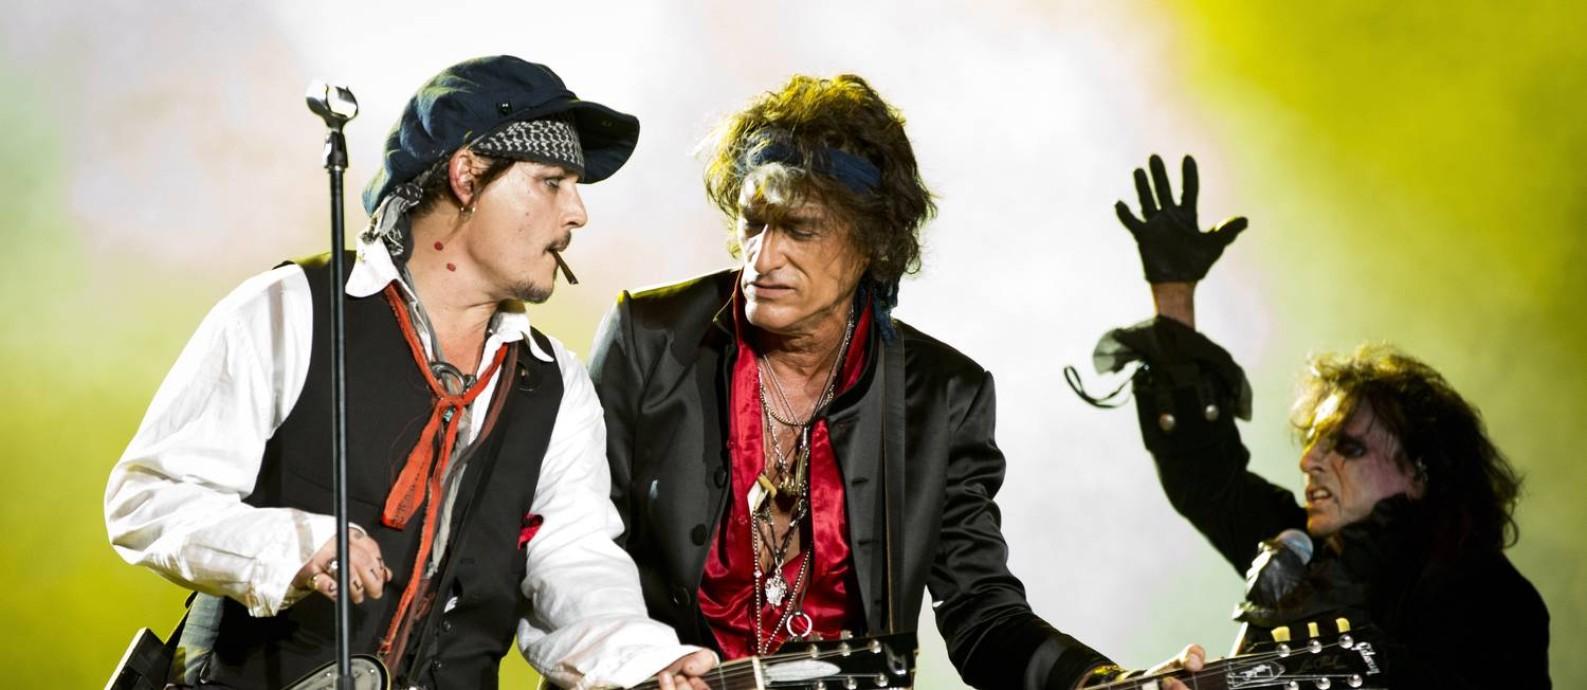 Joe Perry entre Johnny Depp e Alice Cooper em show dos Hollywood Vampires no Rock in Rio Foto: Guito Moreto / Agência O Globo